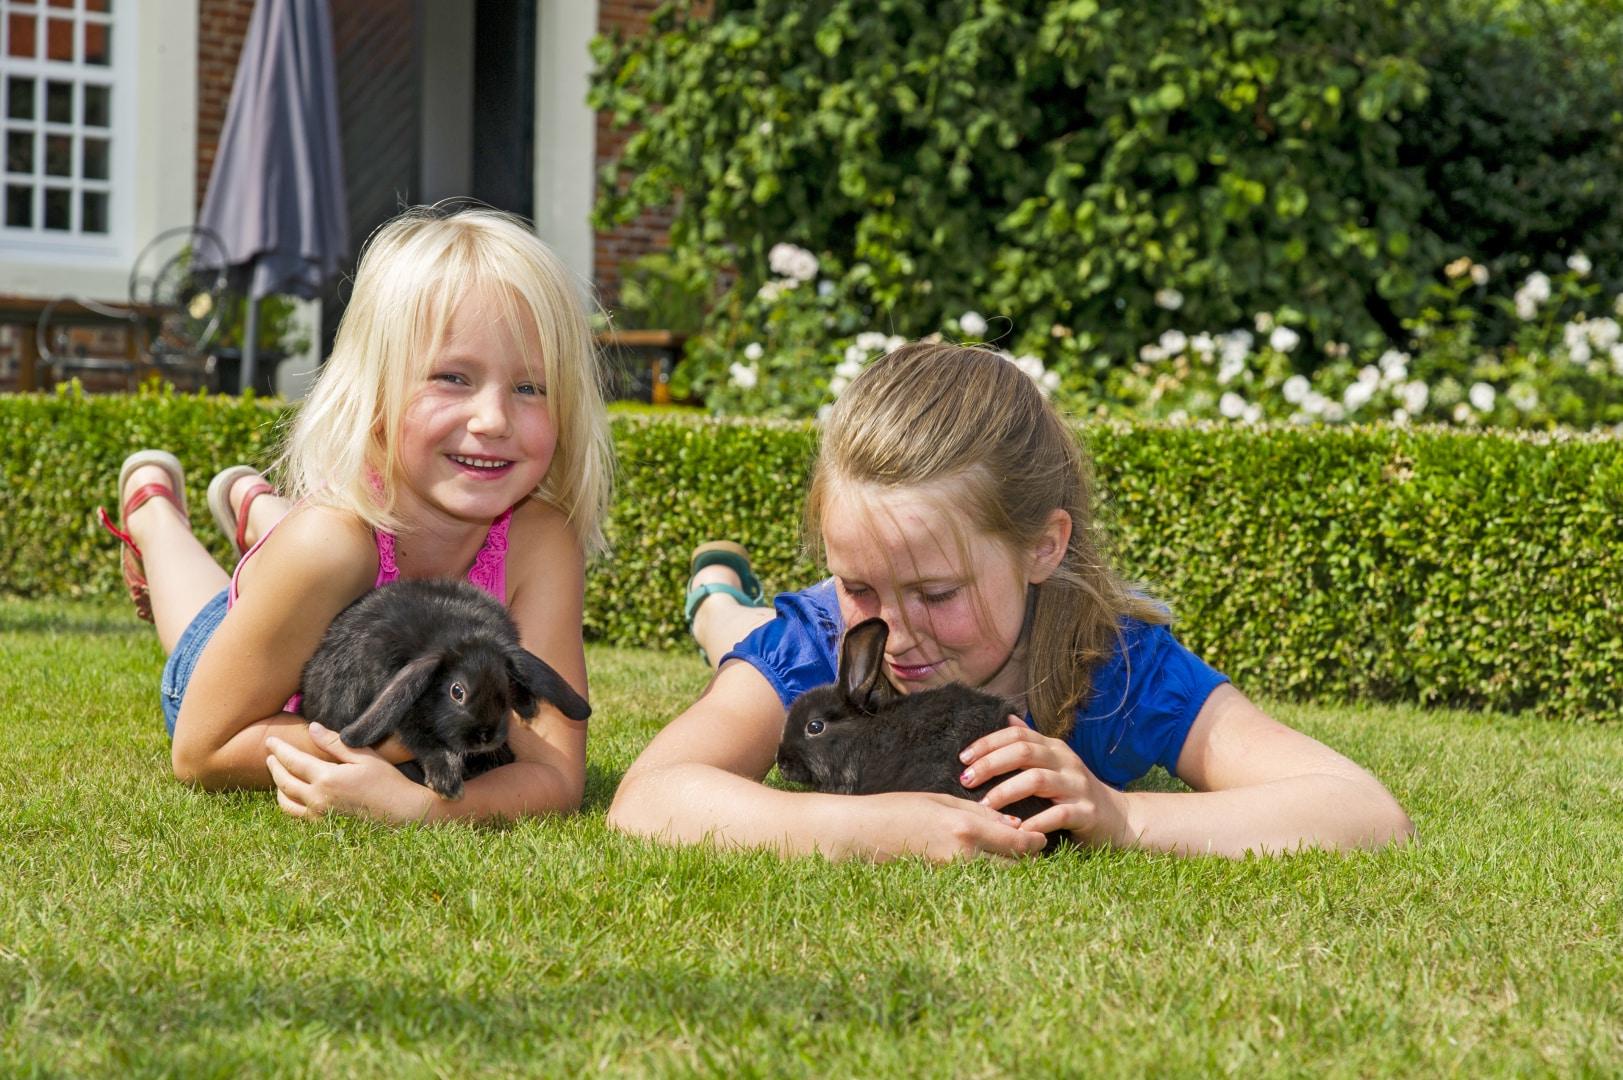 Familotel Gut Landegge Familienurlaub im Emsland Alles für Kids und Teens Kleintierbereich Streichelzoo Kaninchen